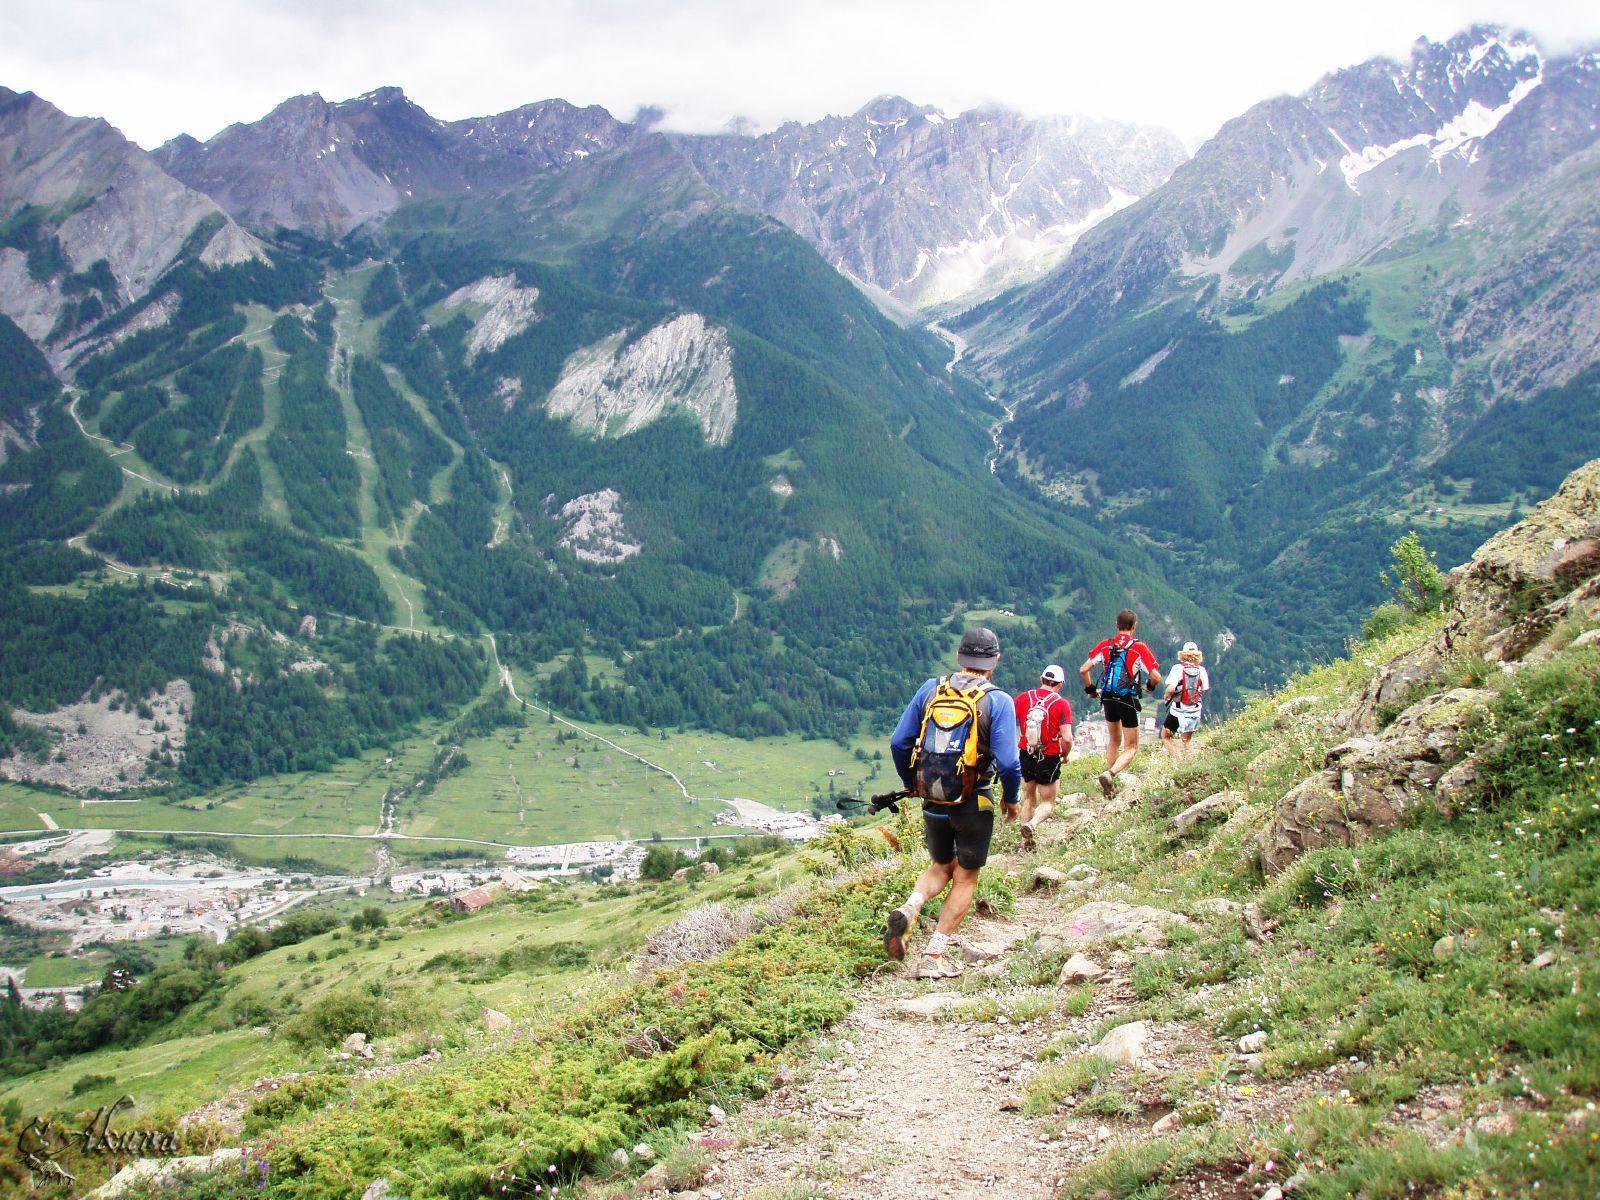 Gruppe løber i bjergene